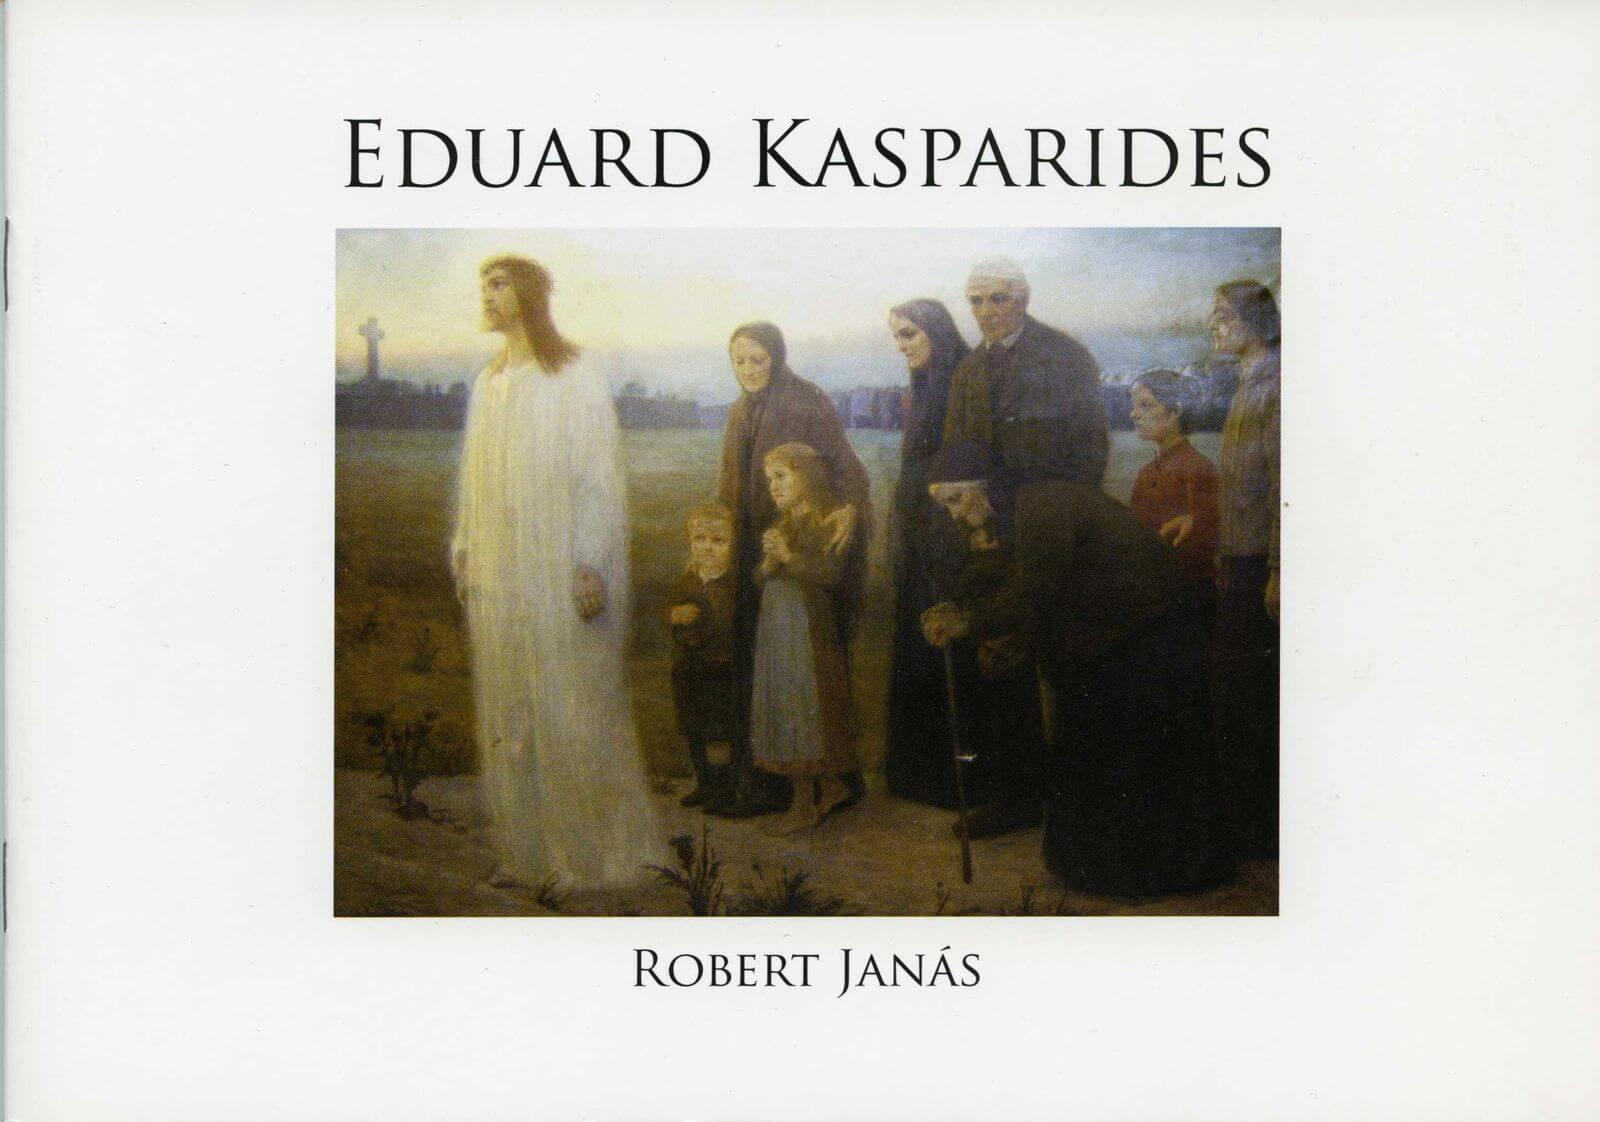 Eduard Kasparides